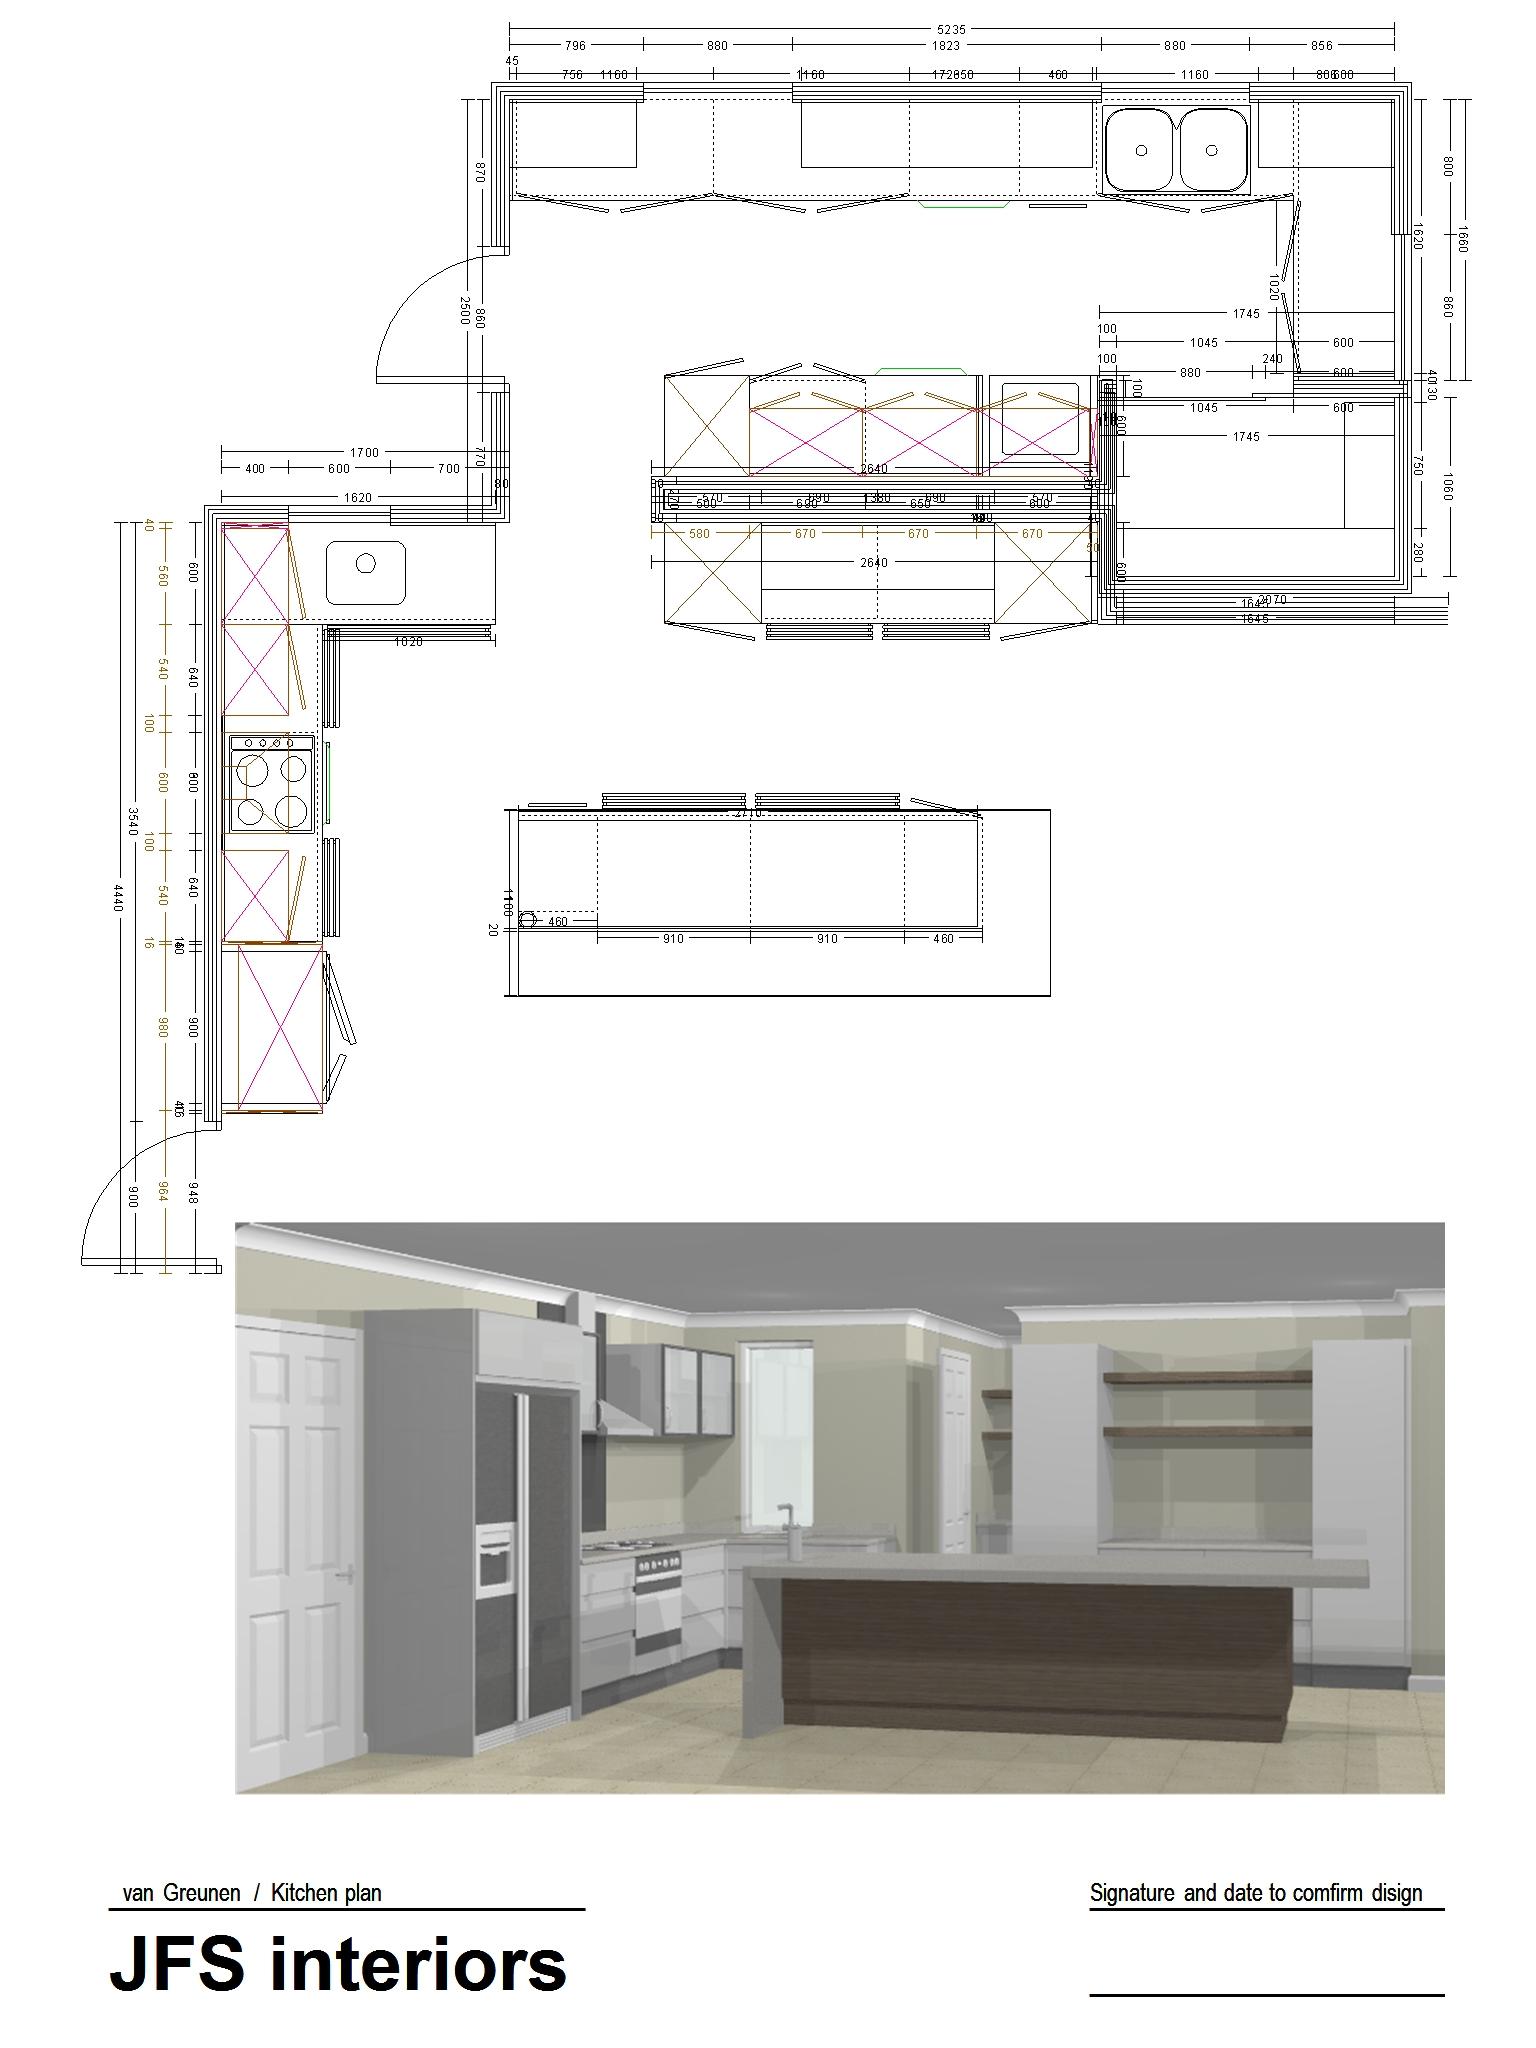 jbp van Greunen Kitchen plan